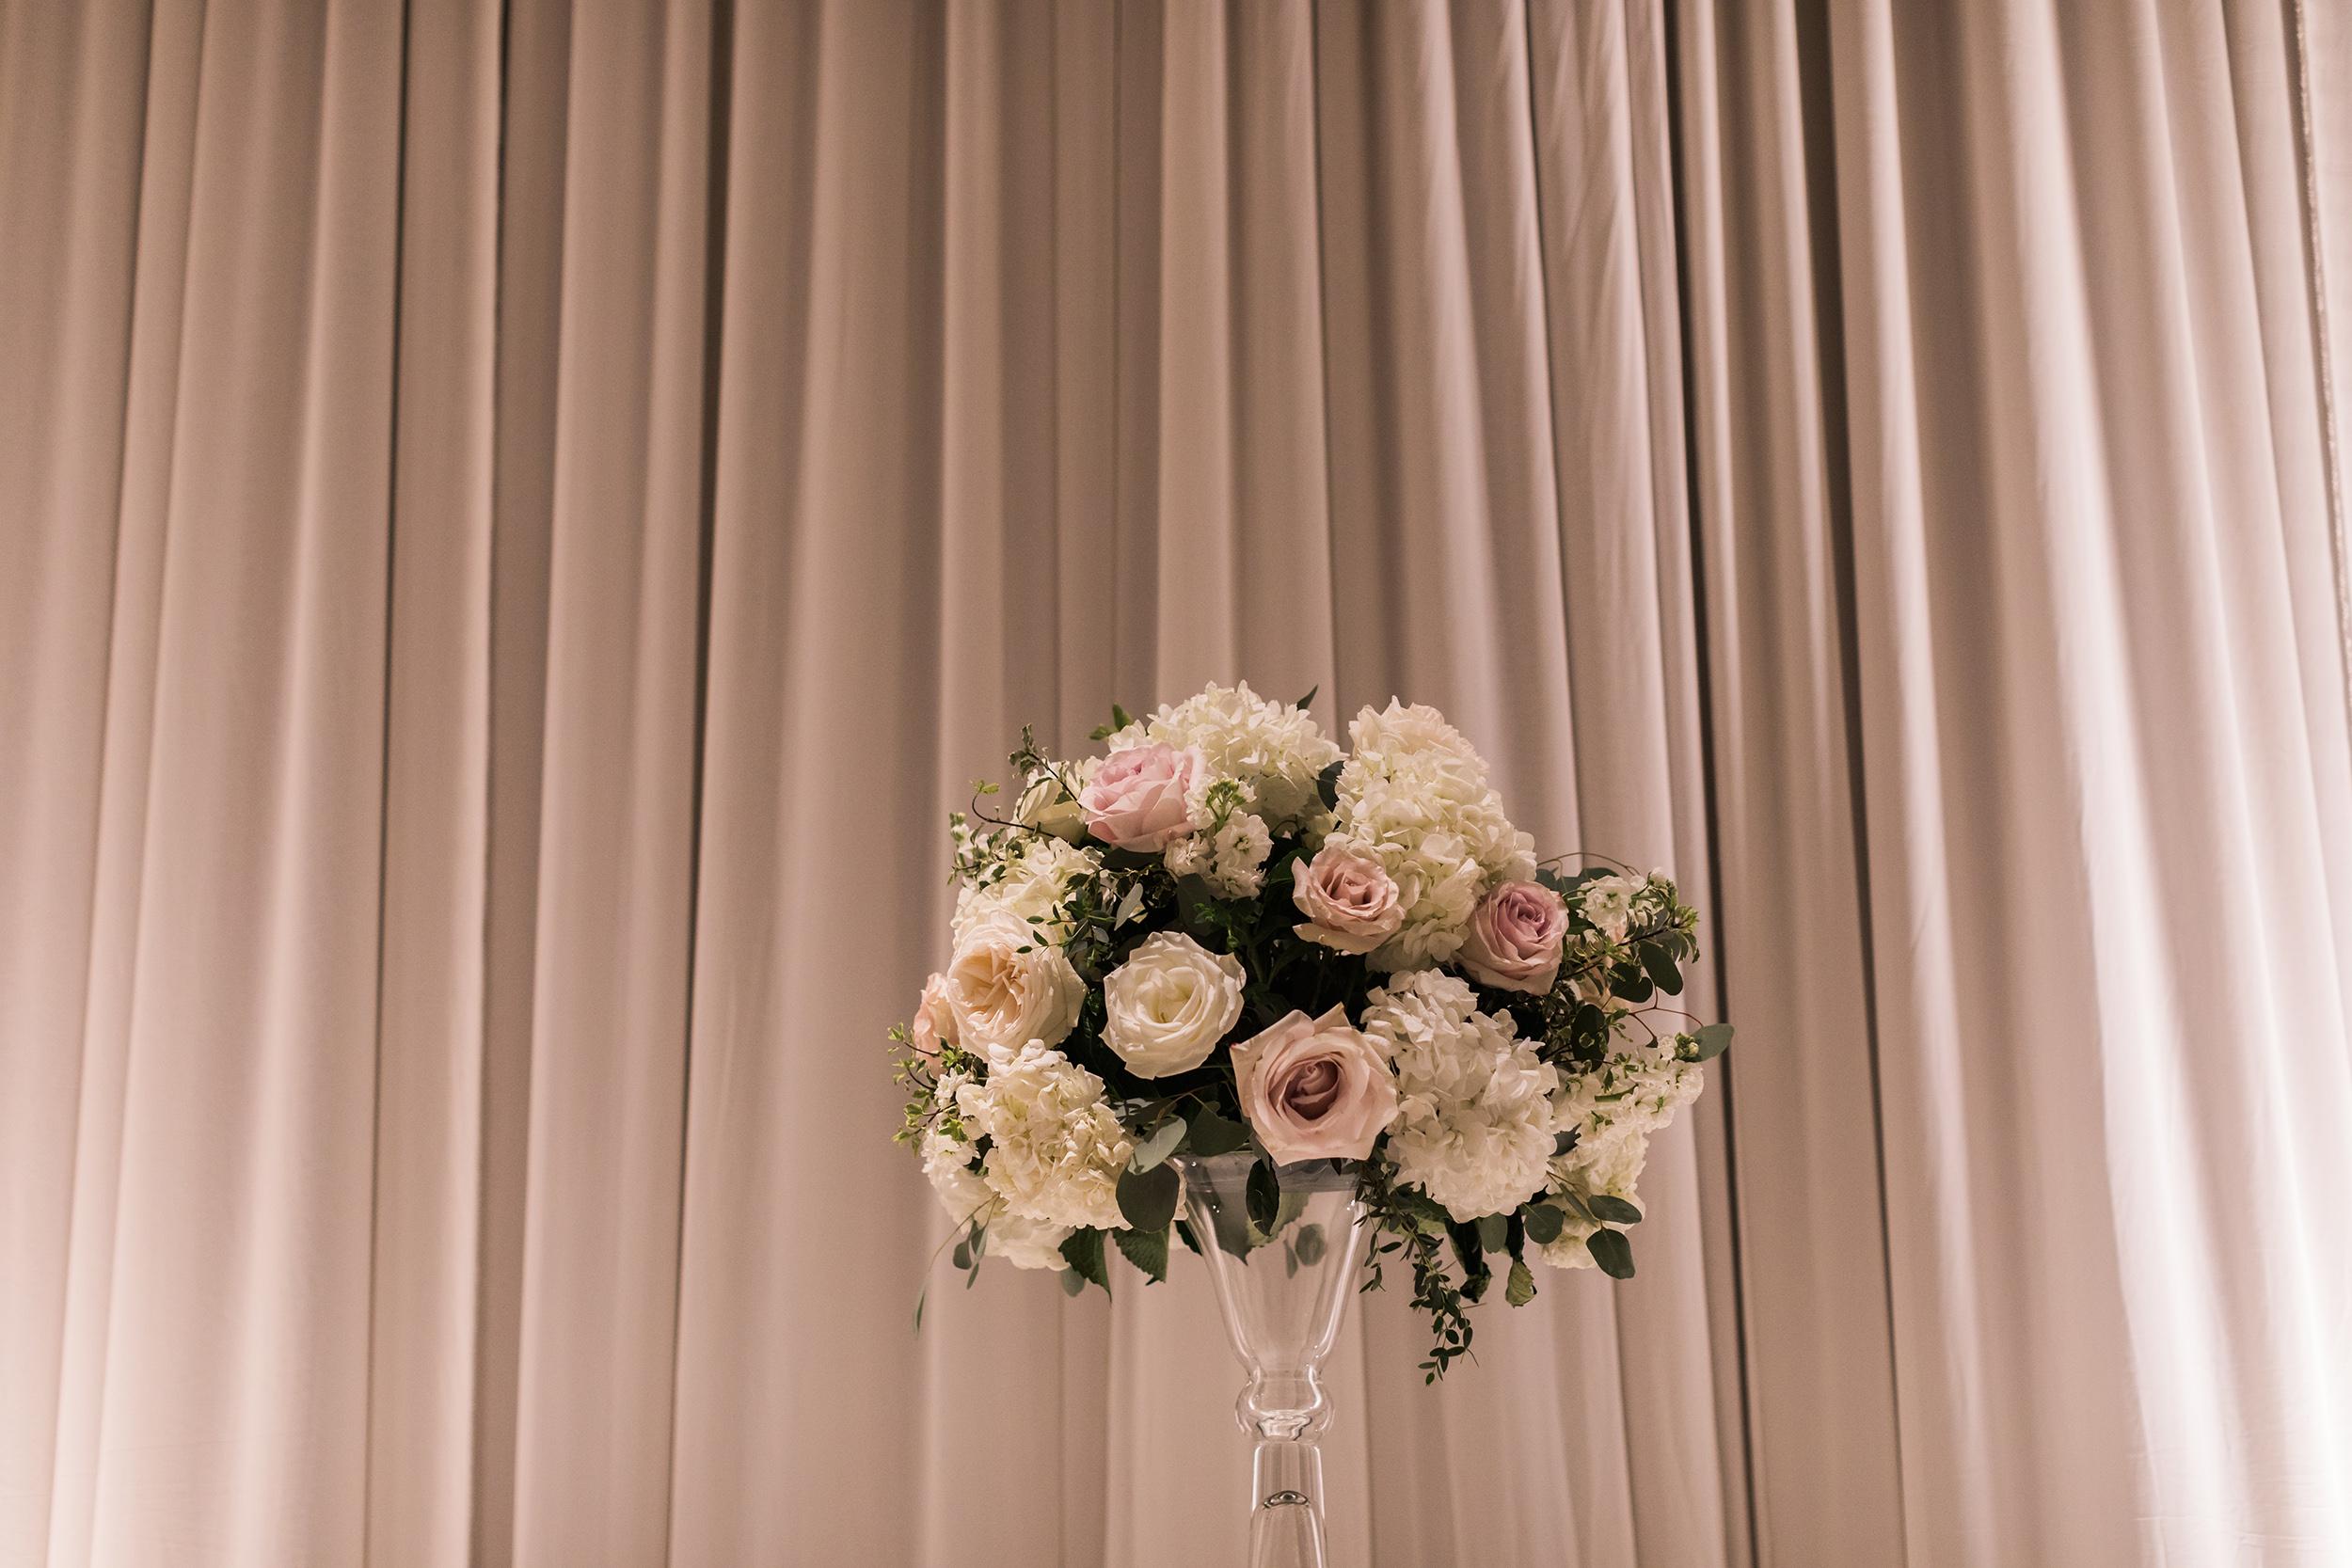 Pitt Meadows Wedding Photographer - Sky Hangar Wedding Photos - Vancouver Wedding Photographer & Videographer - Sunshine Coast Wedding Photos - Sunshine Coast Wedding Photographer - Jennifer Picard Photography - 1A5A2616.jpg